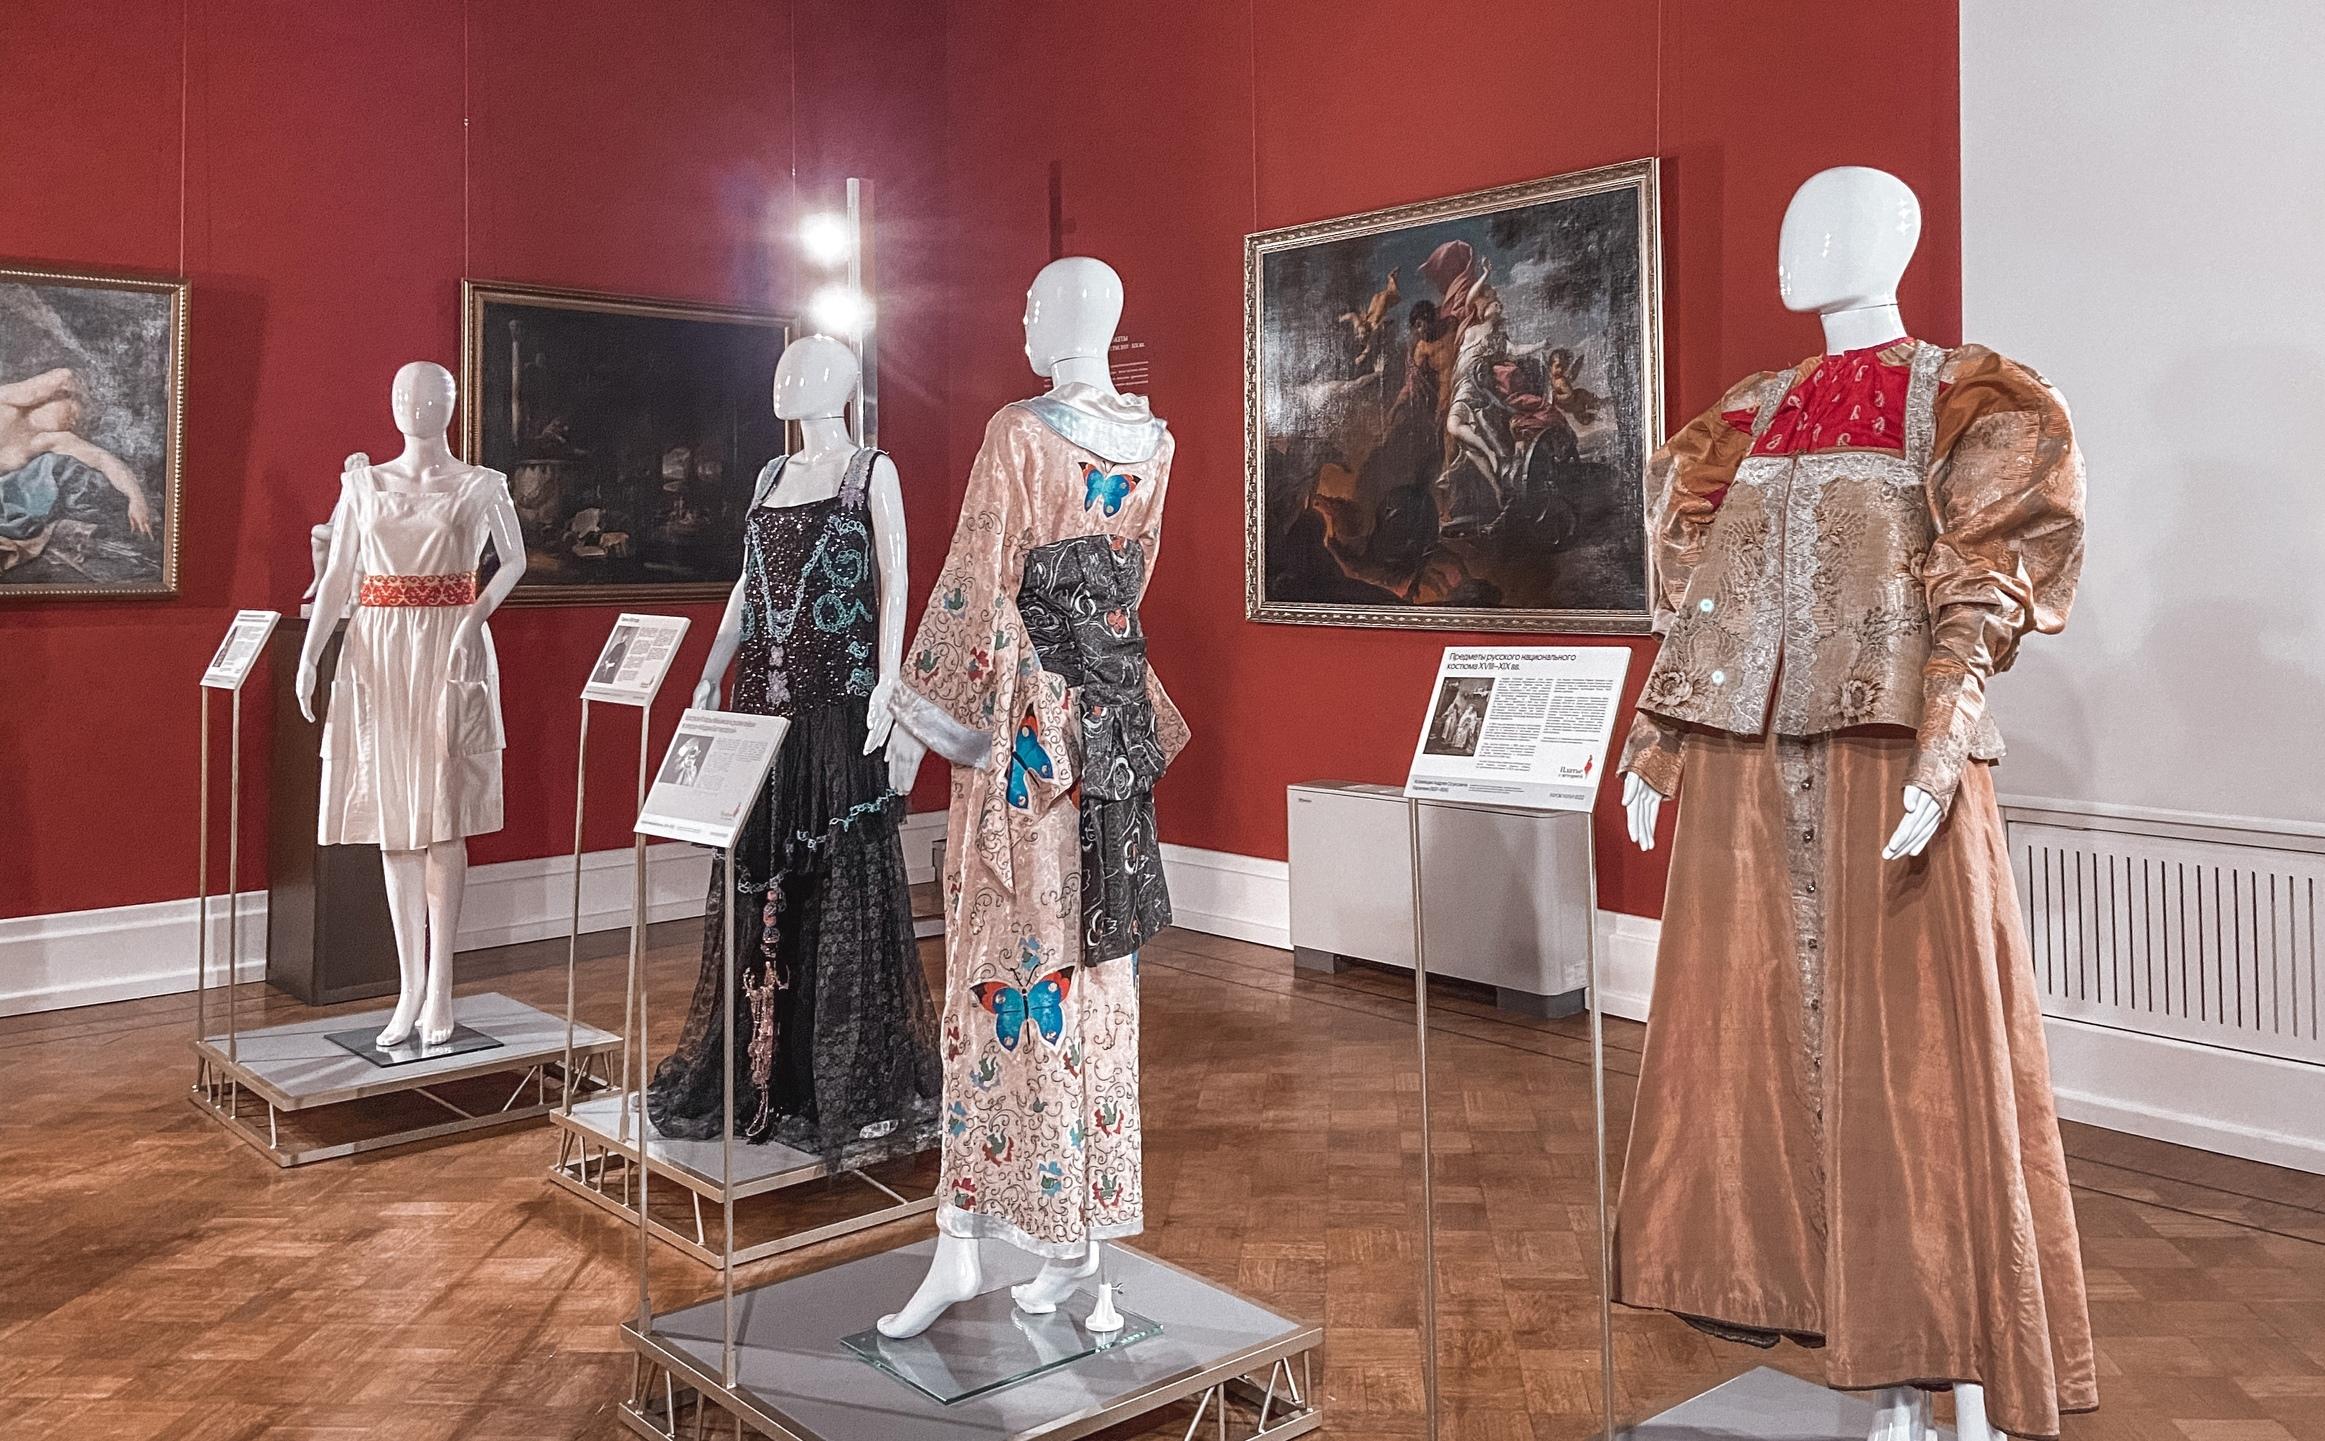 Выставка «Платье с историей» будет открыта в Нижнем Новгороде до 17 марта